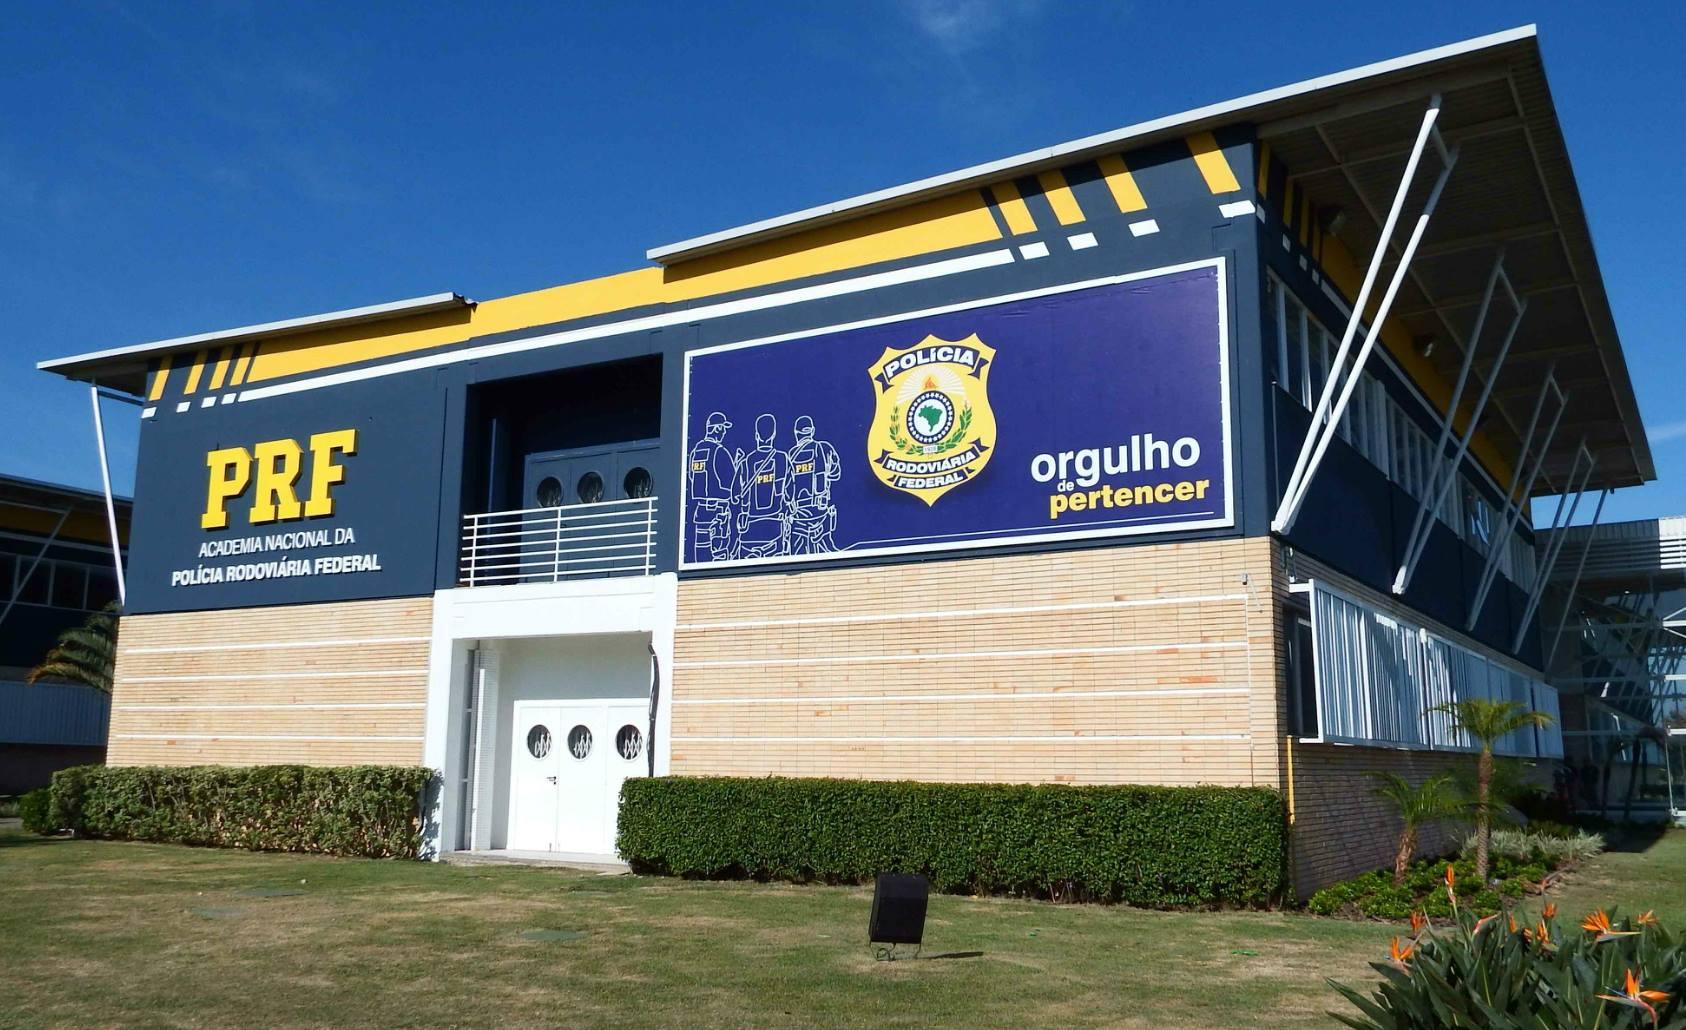 100 Academia Nacional De Policia Rodoviaria Federal